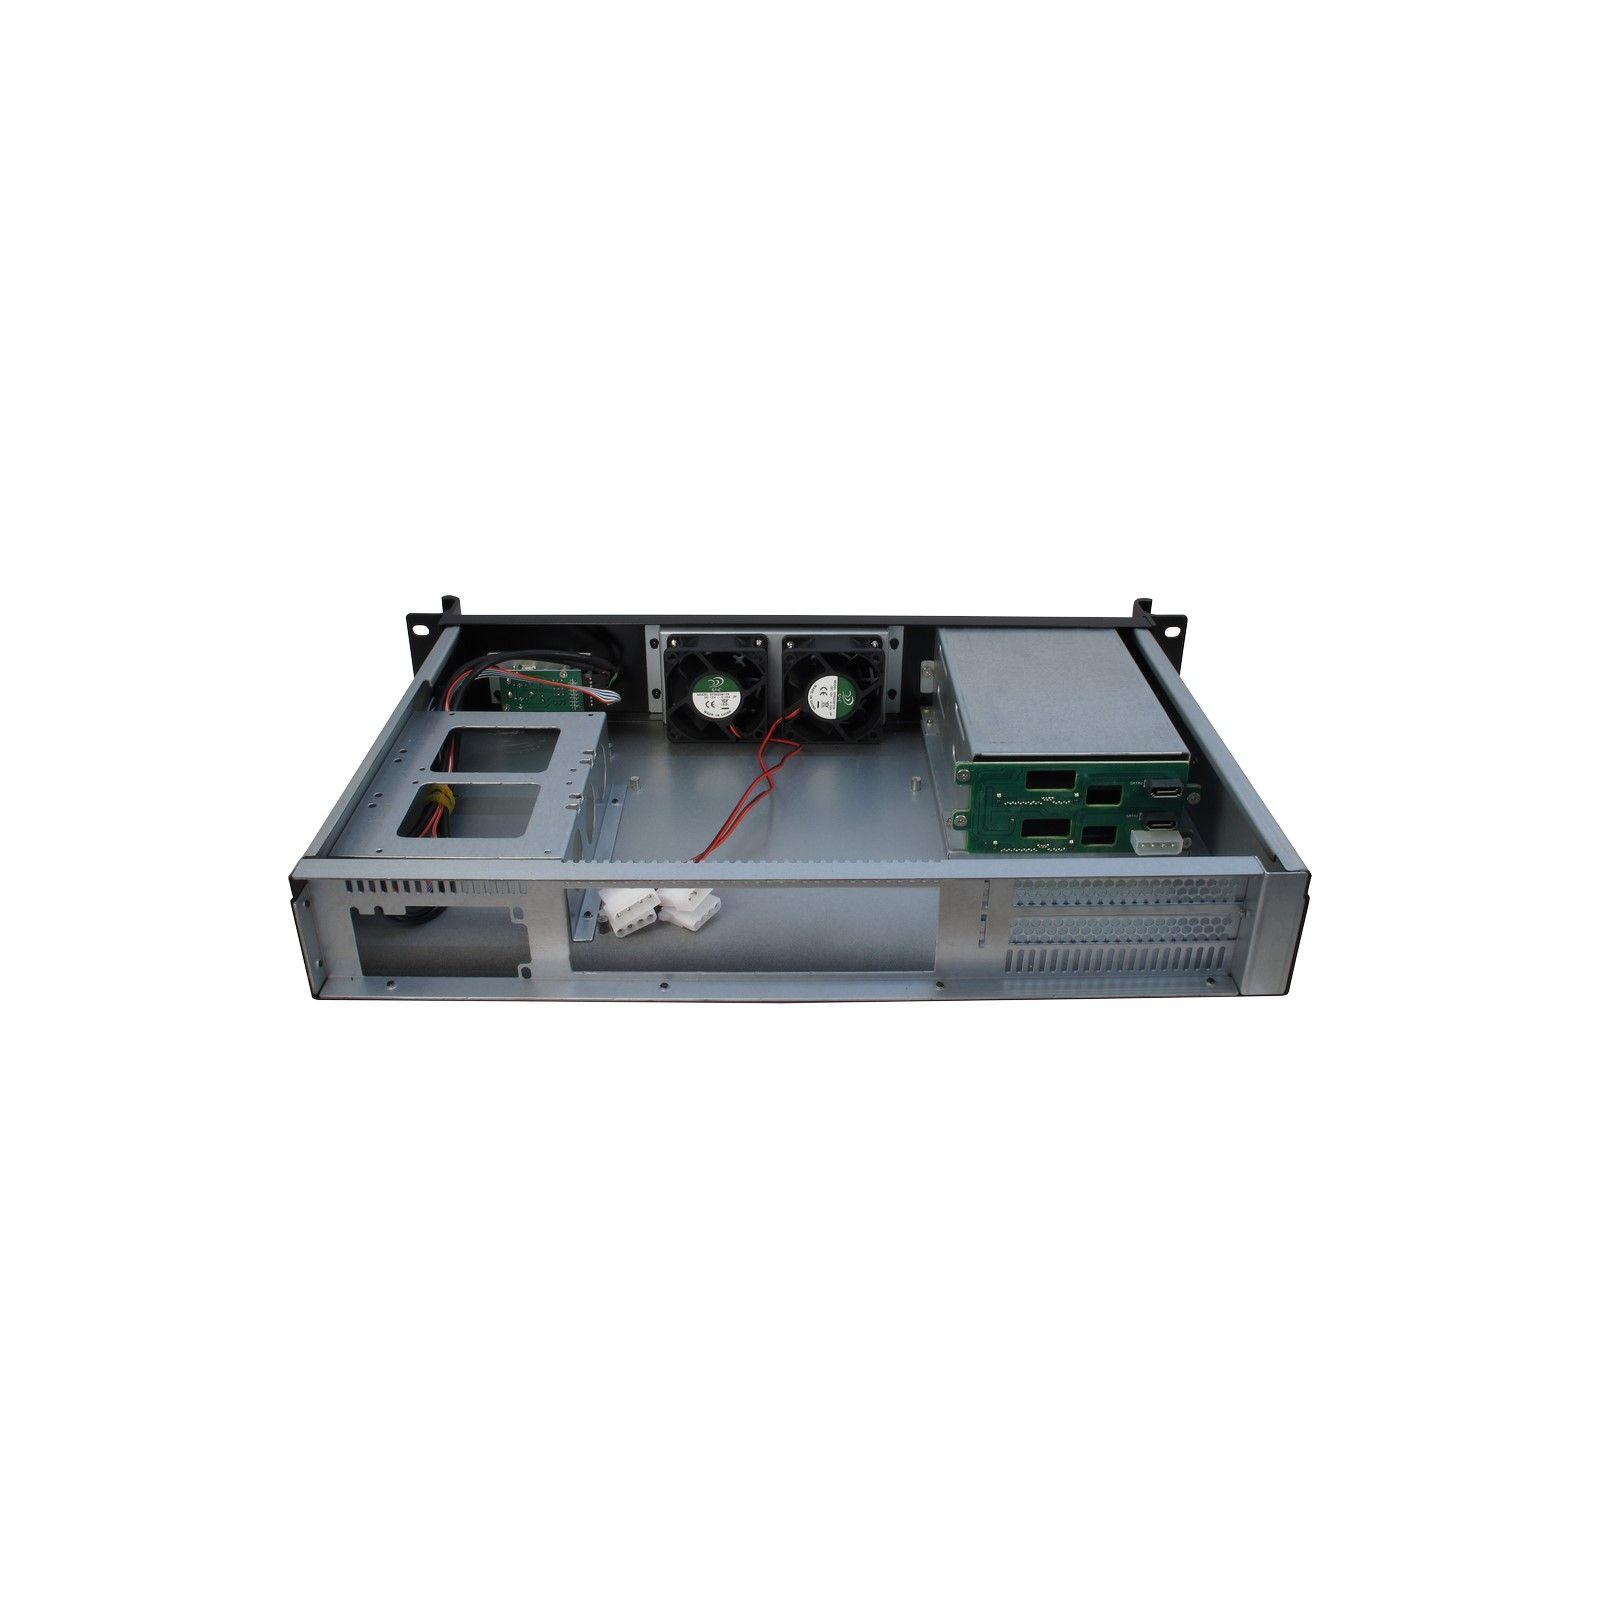 Корпус для сервера Inter-Tech 1.5U-1528L (456500) изображение 2